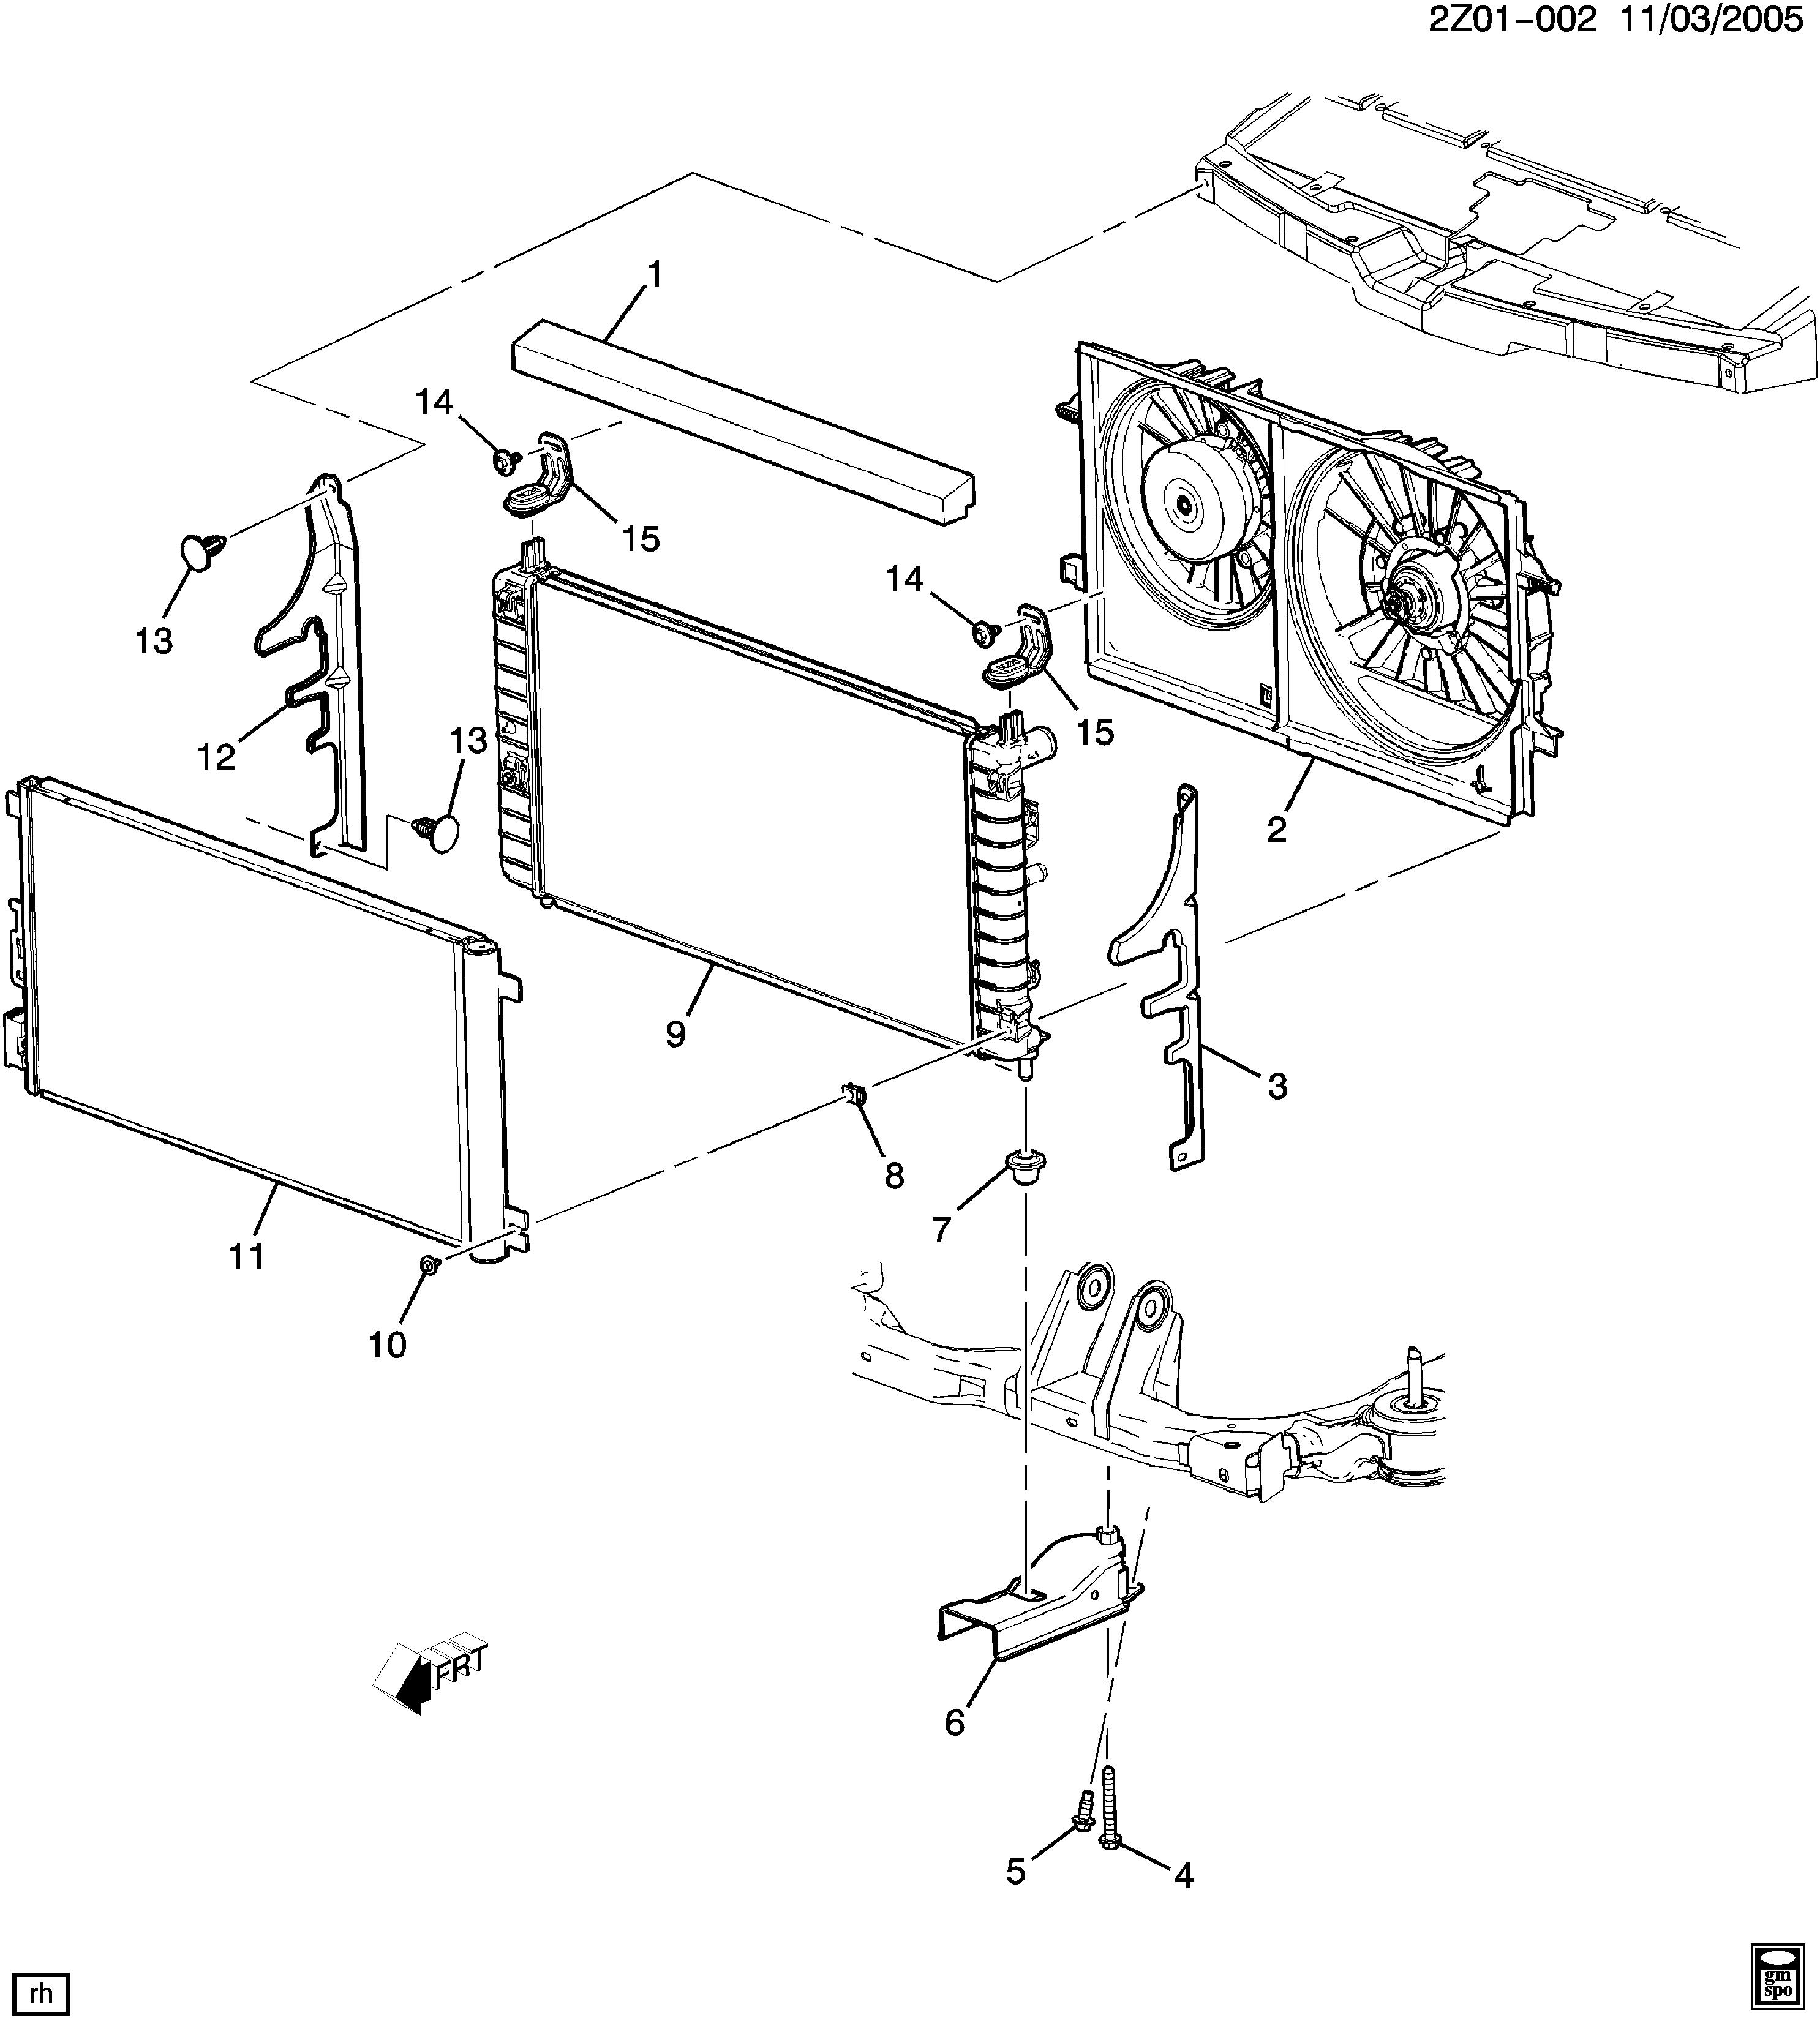 2005 Pontiac G6 Radiator Diagram Experience Of Wiring 3 5 Litre Engine Z Mounting Related Parts U003e Epc Online Rh Nemigaparts Com 35